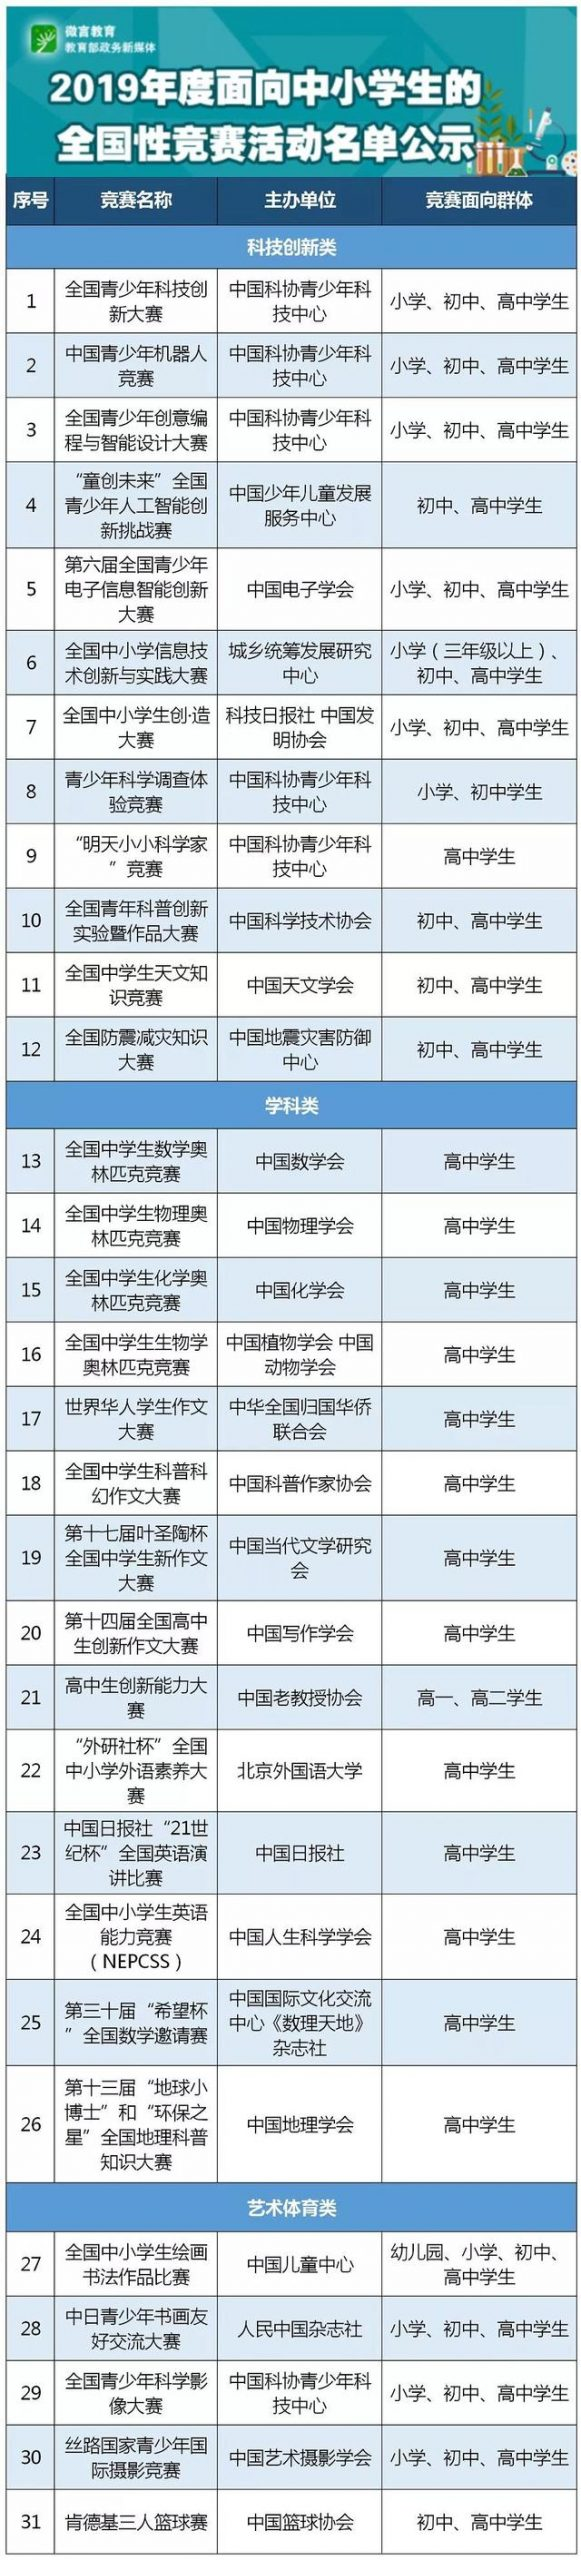 教育部2019年初公示了2019年度面向中小学生的全国性竞赛活动名单,拟确定全国青少年科技创新大赛、中国青少年机器人竞赛等31项竞赛为2019年度面向中小学生开展的全国性竞赛活动,具体有这些。